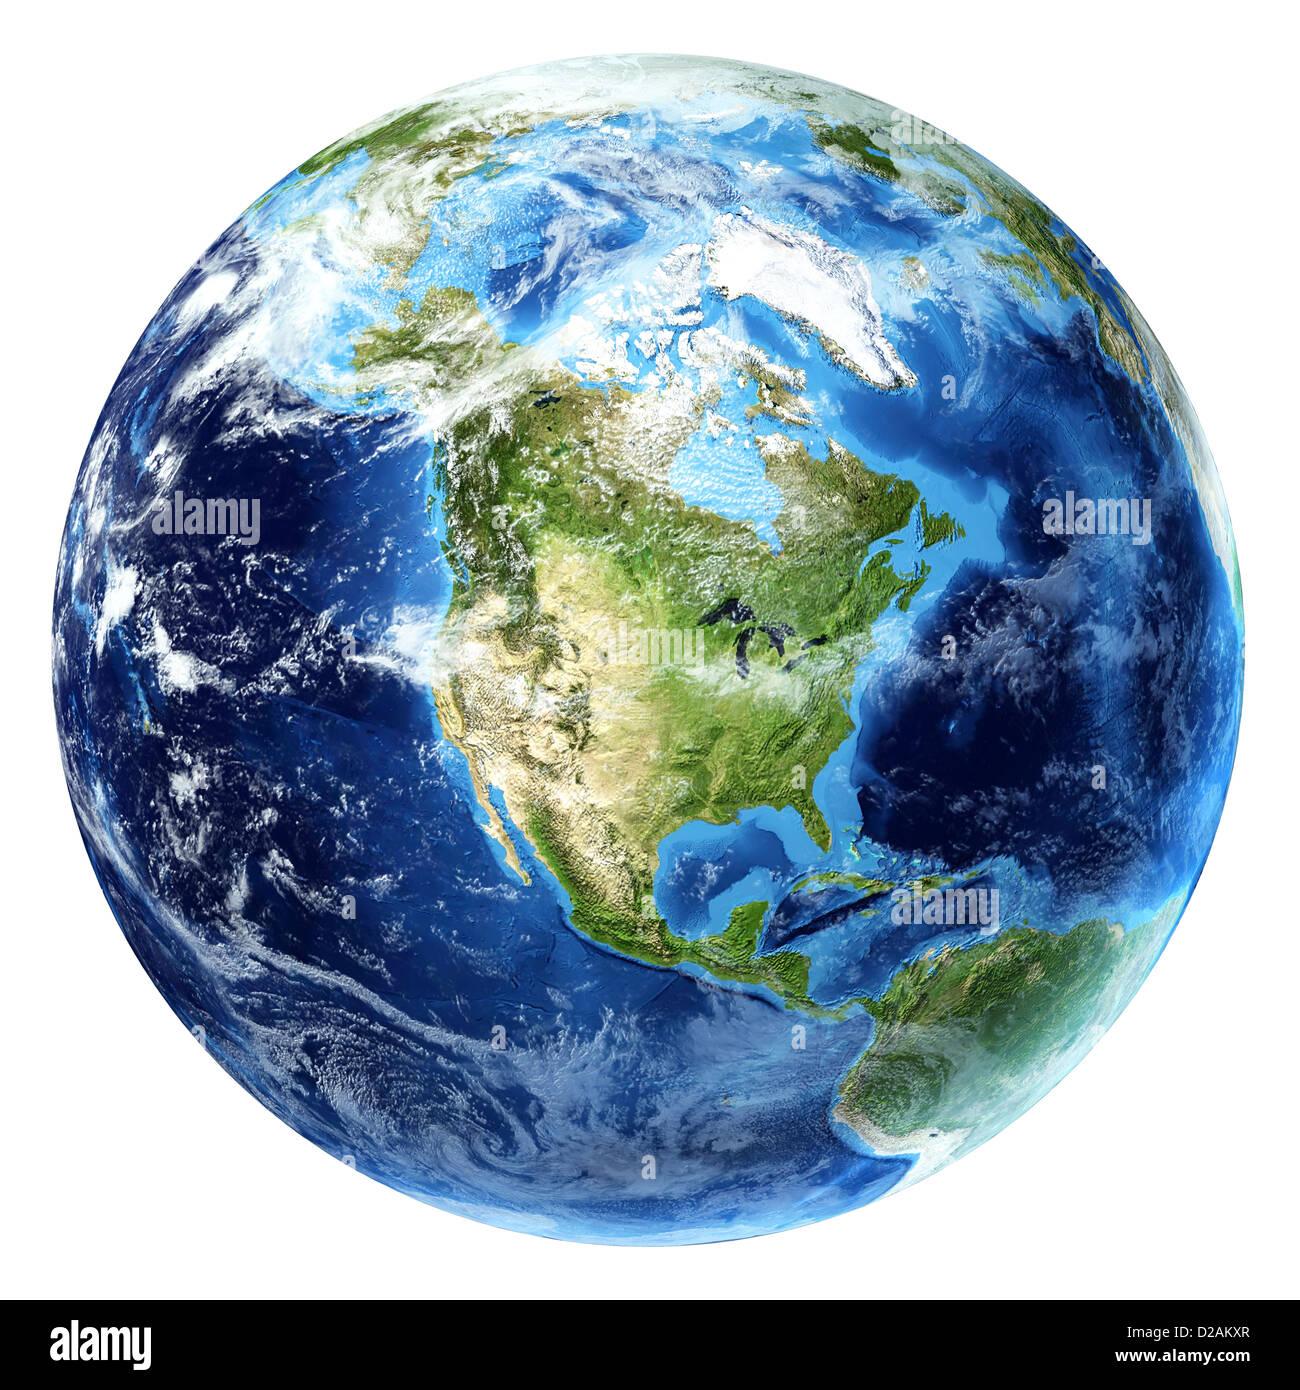 Planeta Tierra con algunas nubes. Norteamérica ver. Imagen De Stock